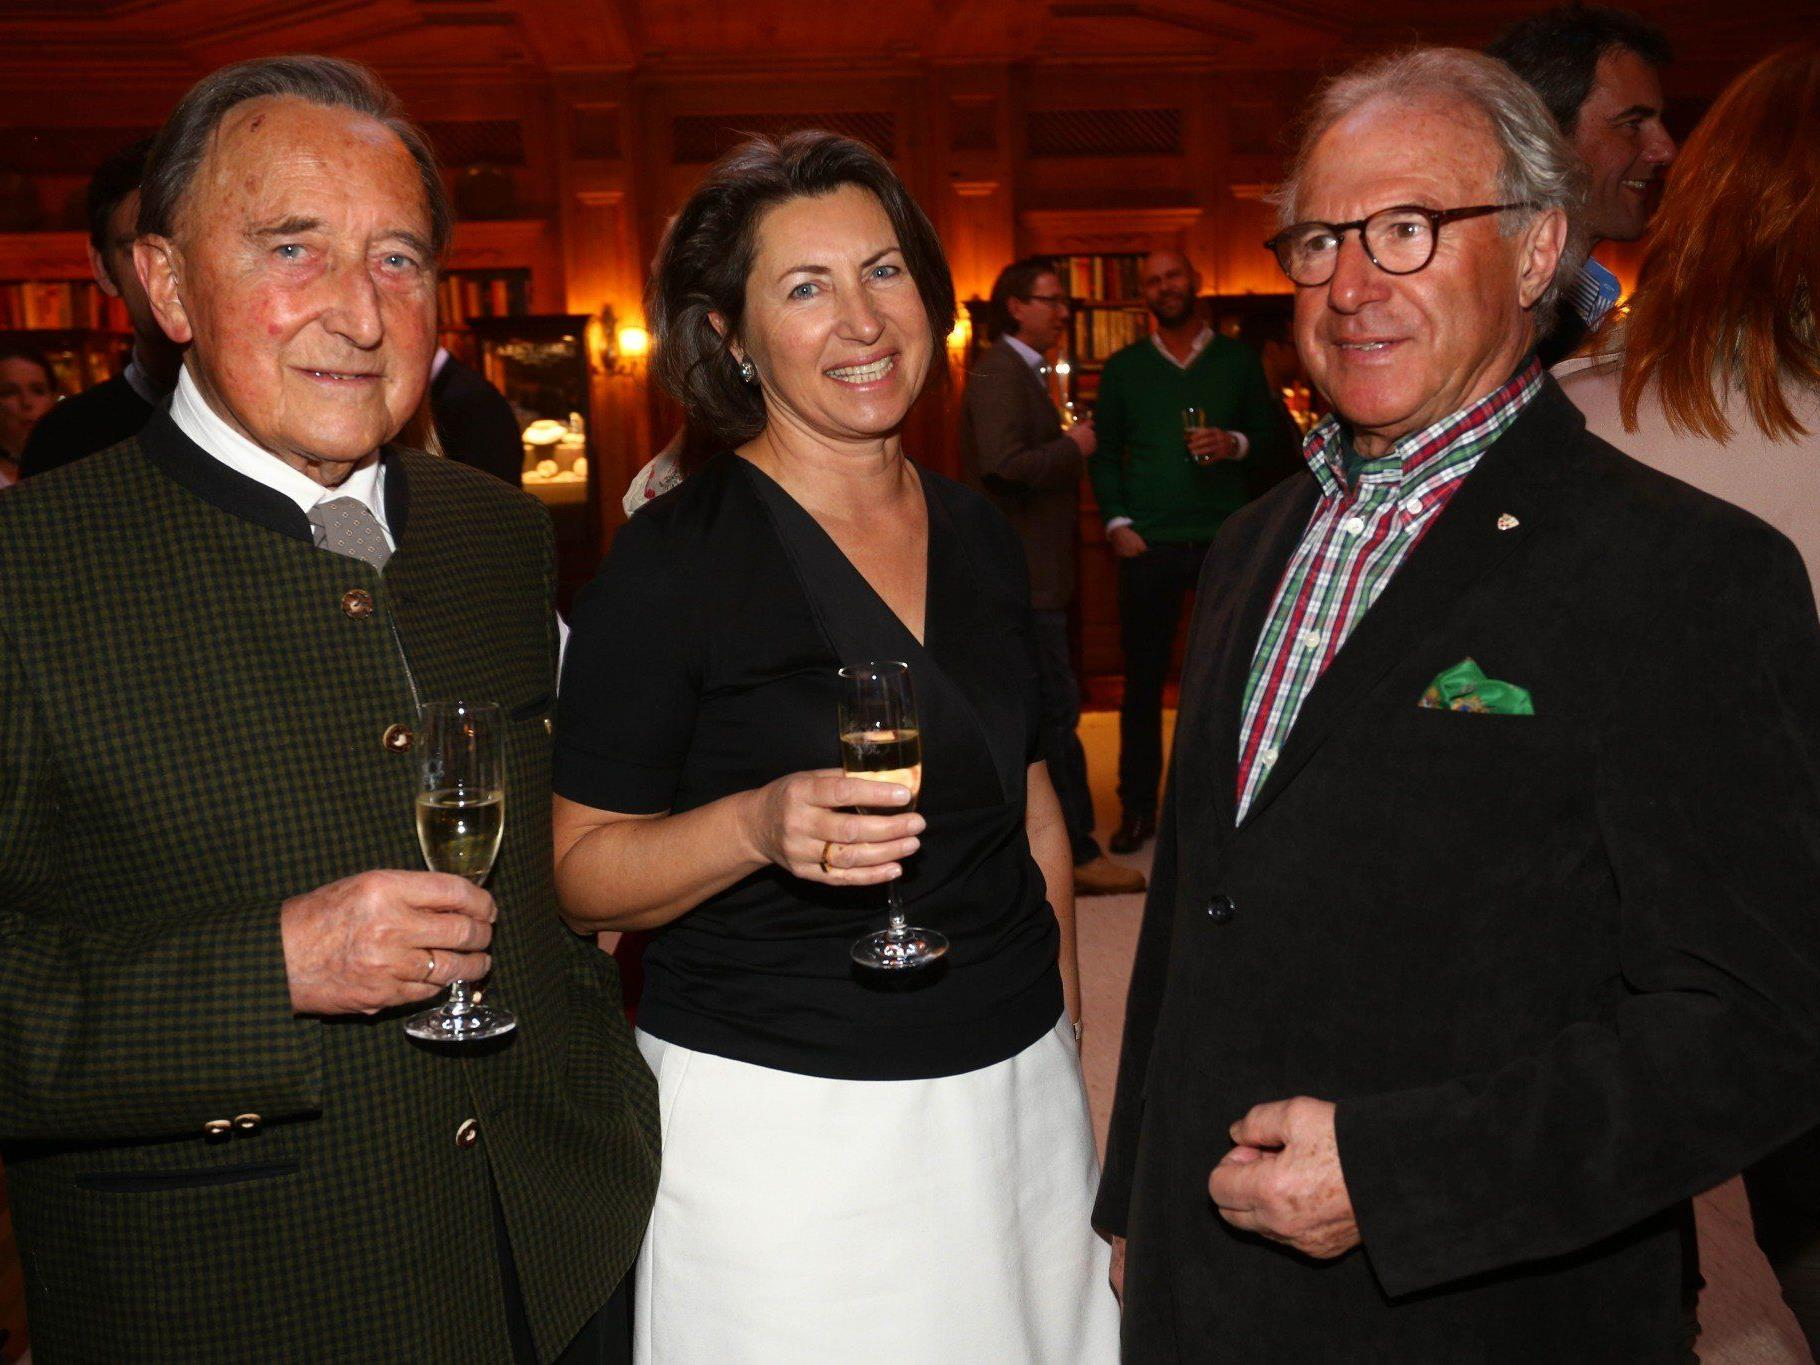 Empfang der Gemeinde Lech lockte auch heuer wieder zahlreiche Ländle-Gäste.